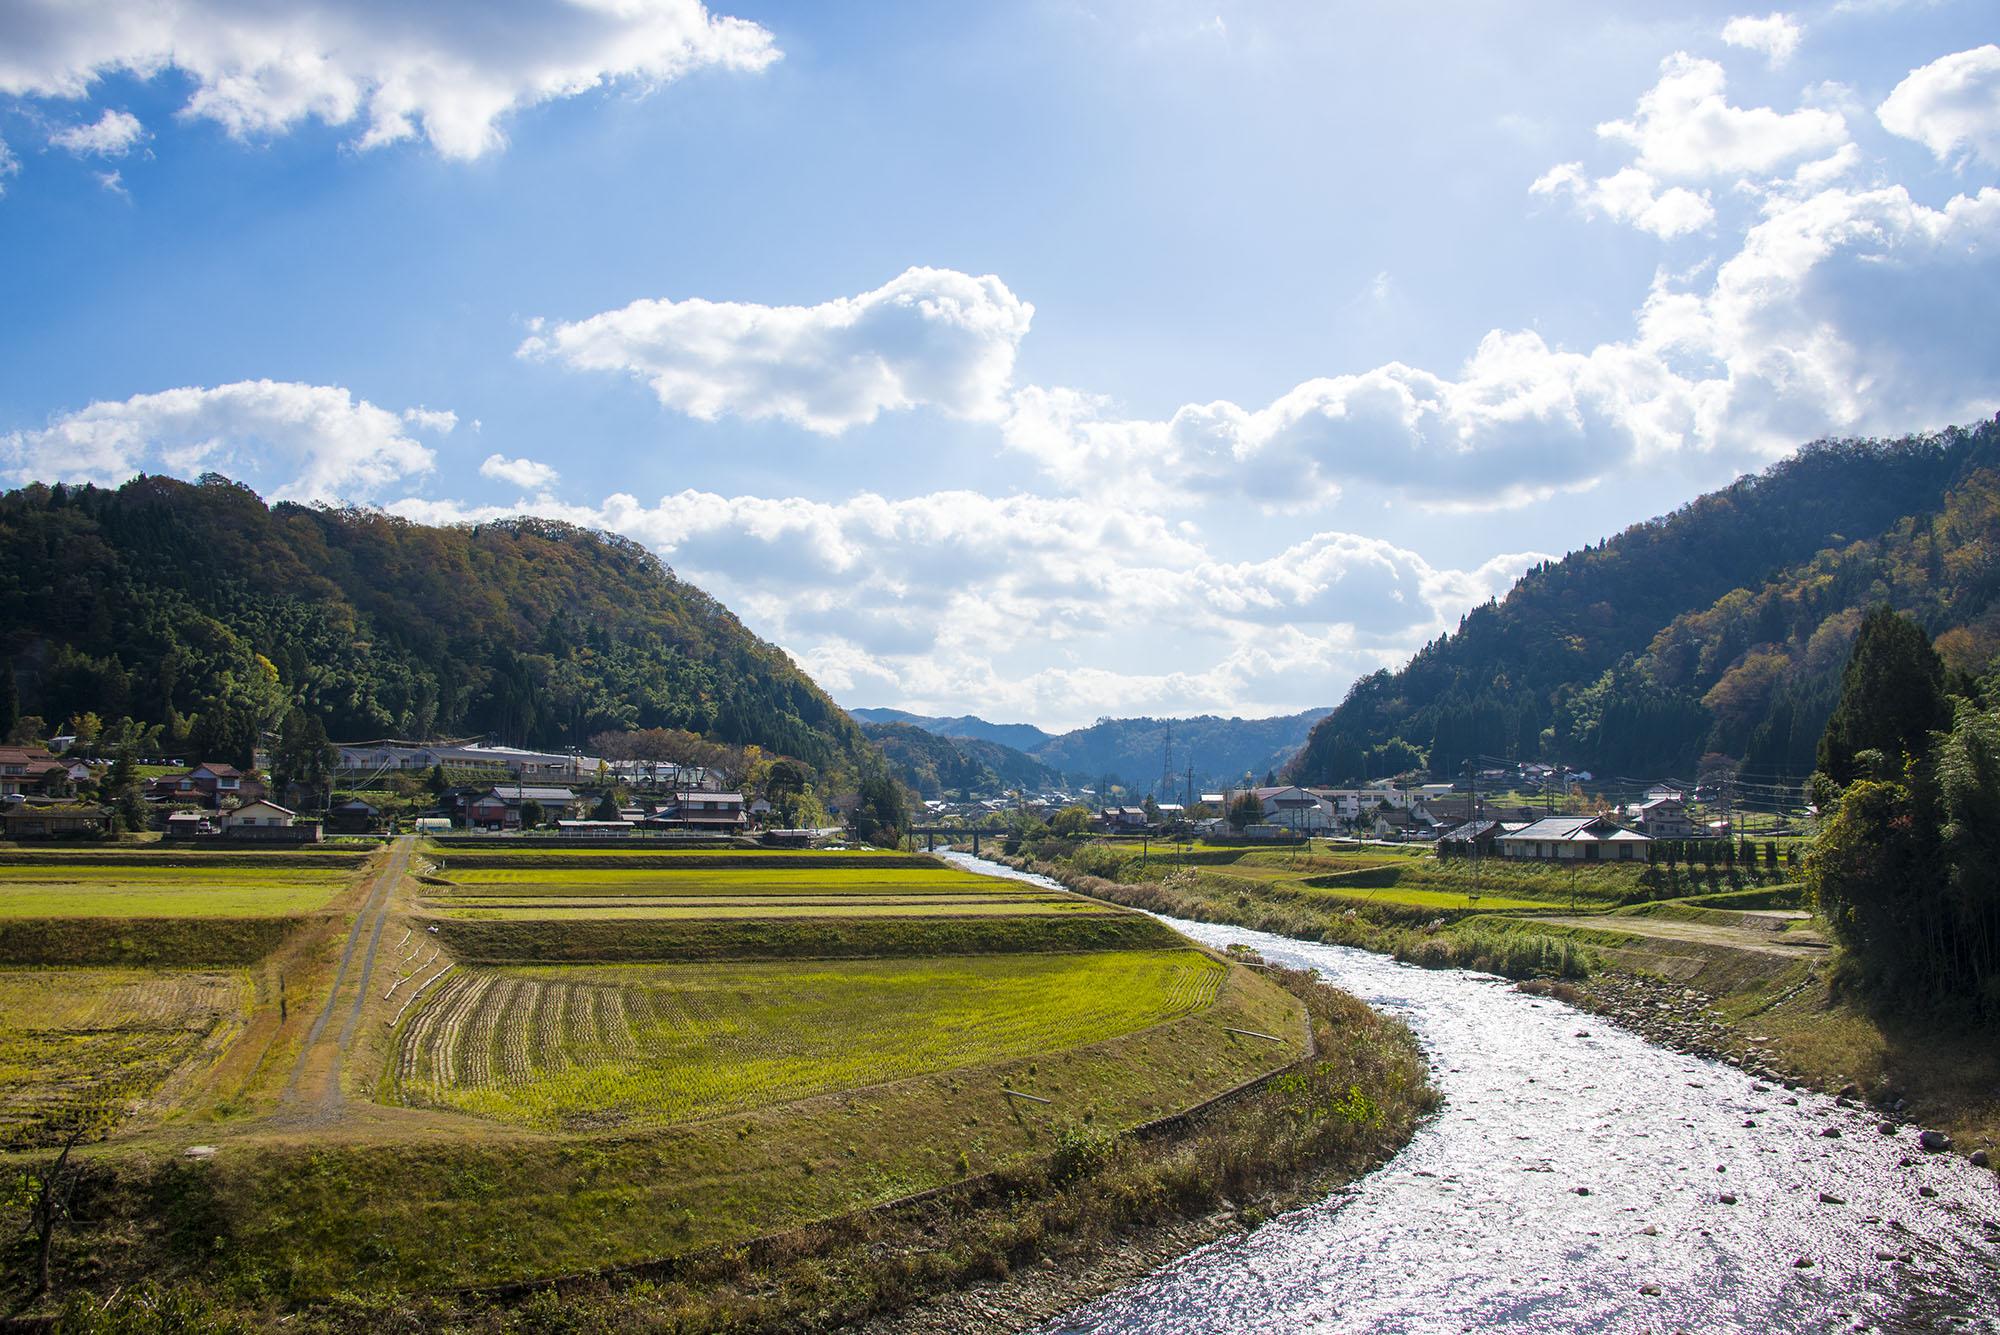 神奈川県の田舎に住んでいる田舎暮らしのホンネ